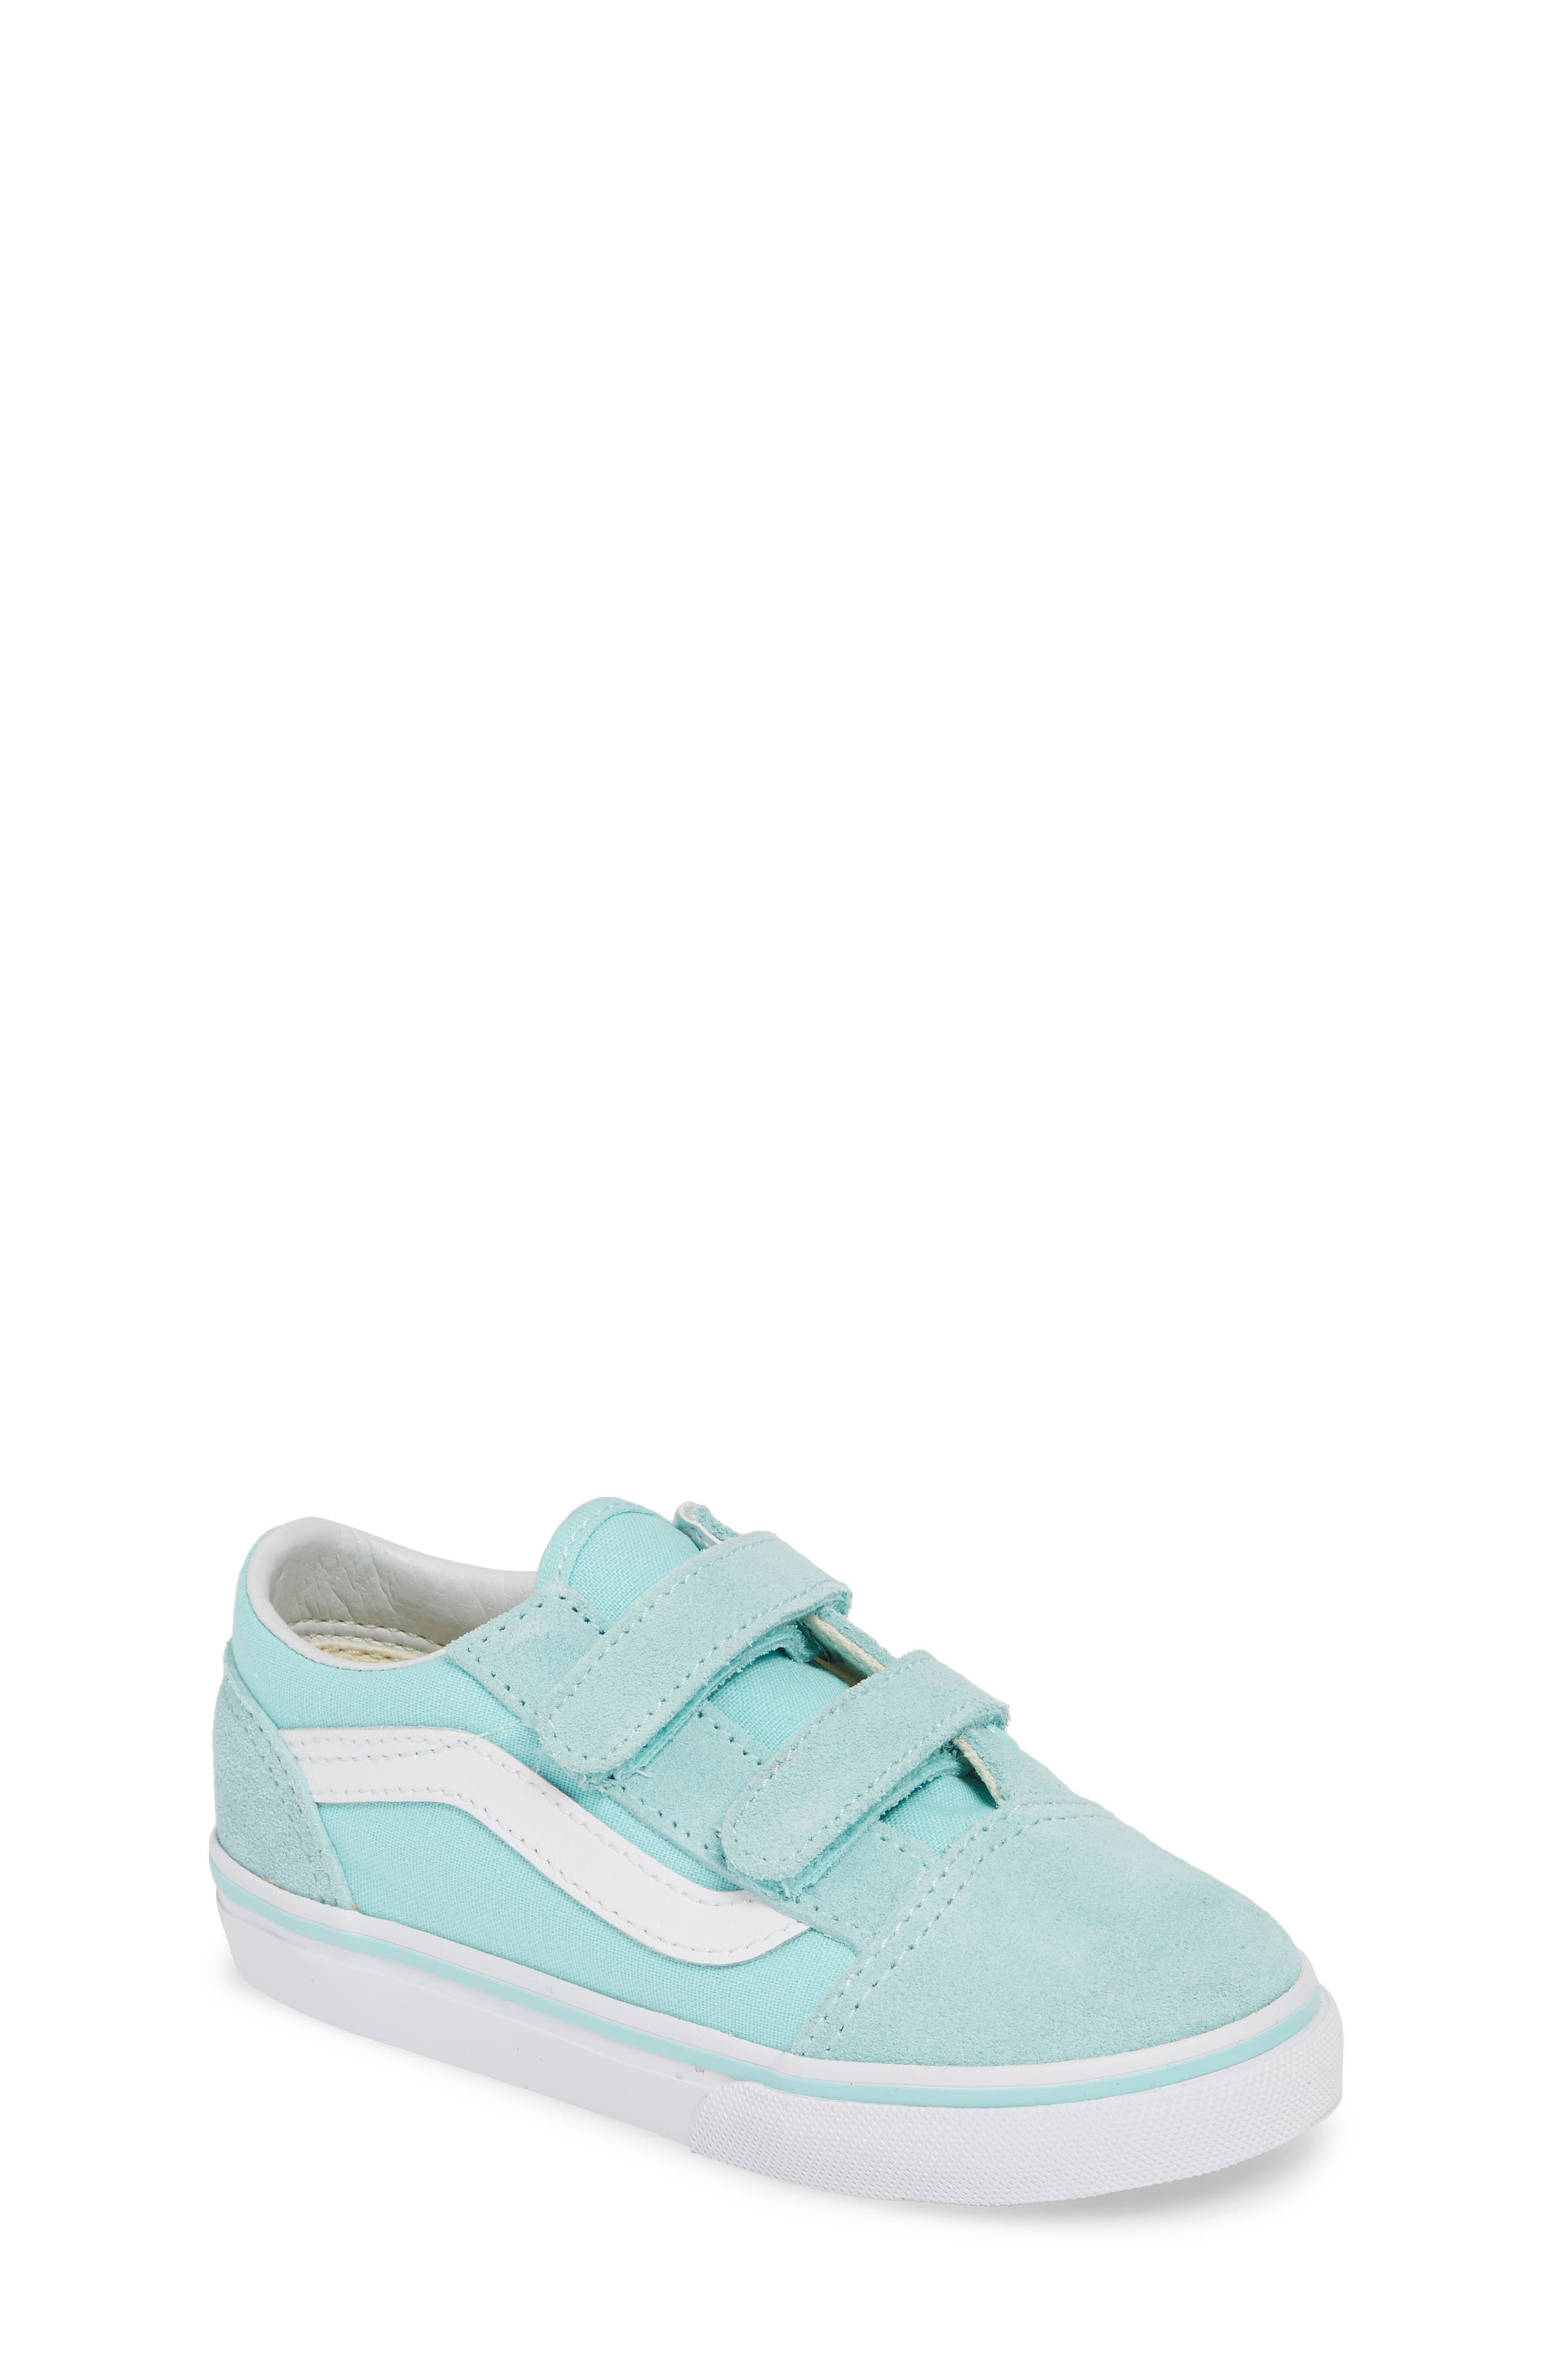 VANS, 'Old Skool V' Sneaker, Main thumbnail 1, color, BLUE TINT/ TRUE WHITE